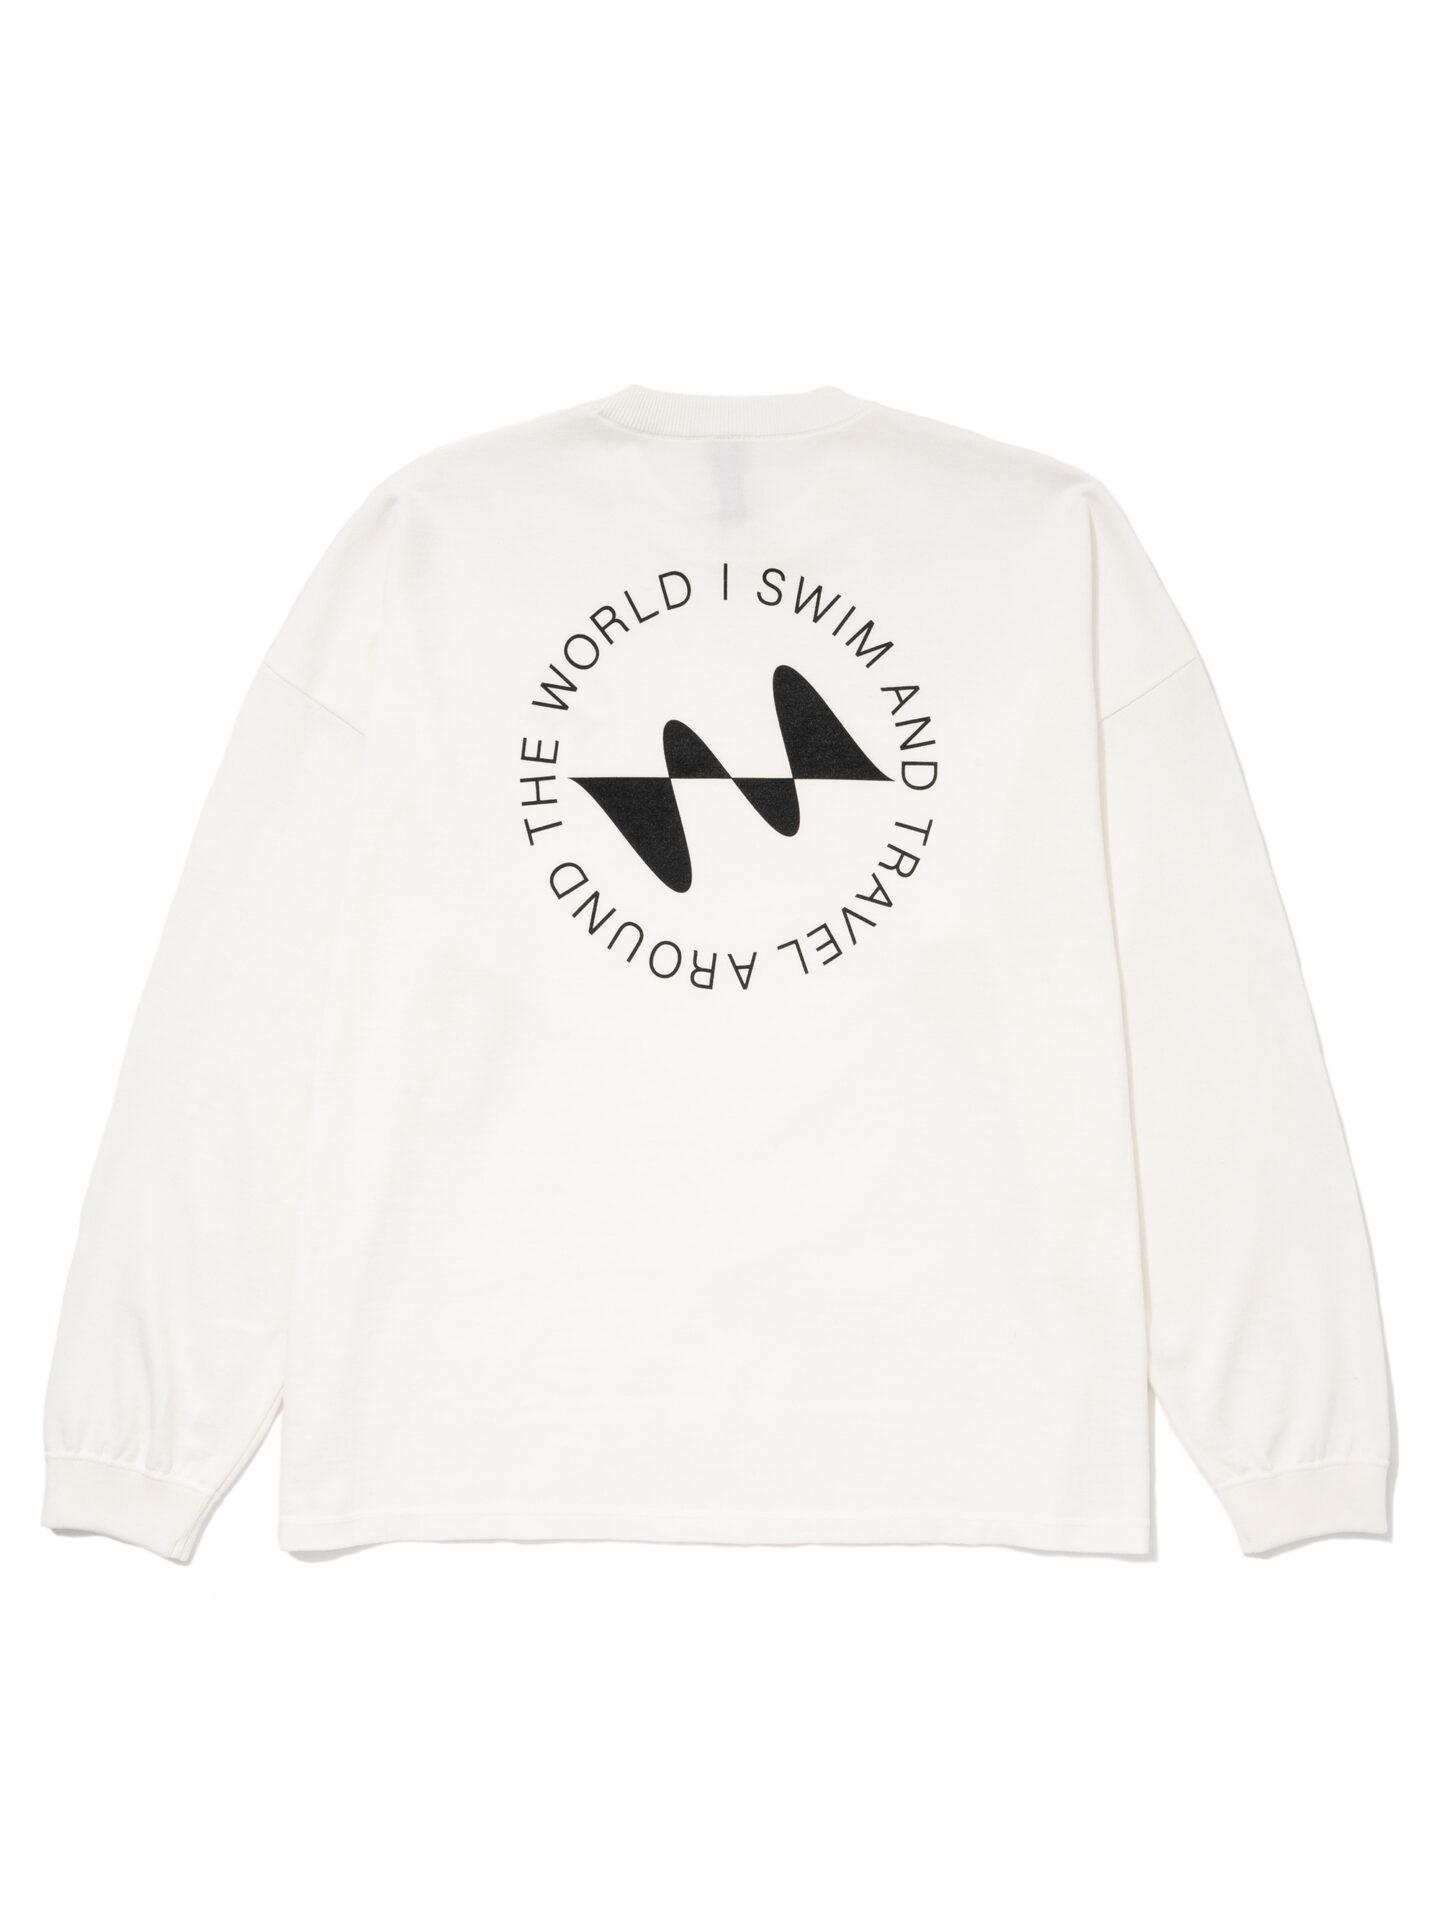 【超撥水】オーガニックコットン100%使用 最高級 I SWIMロゴ長袖Tシャツ -白